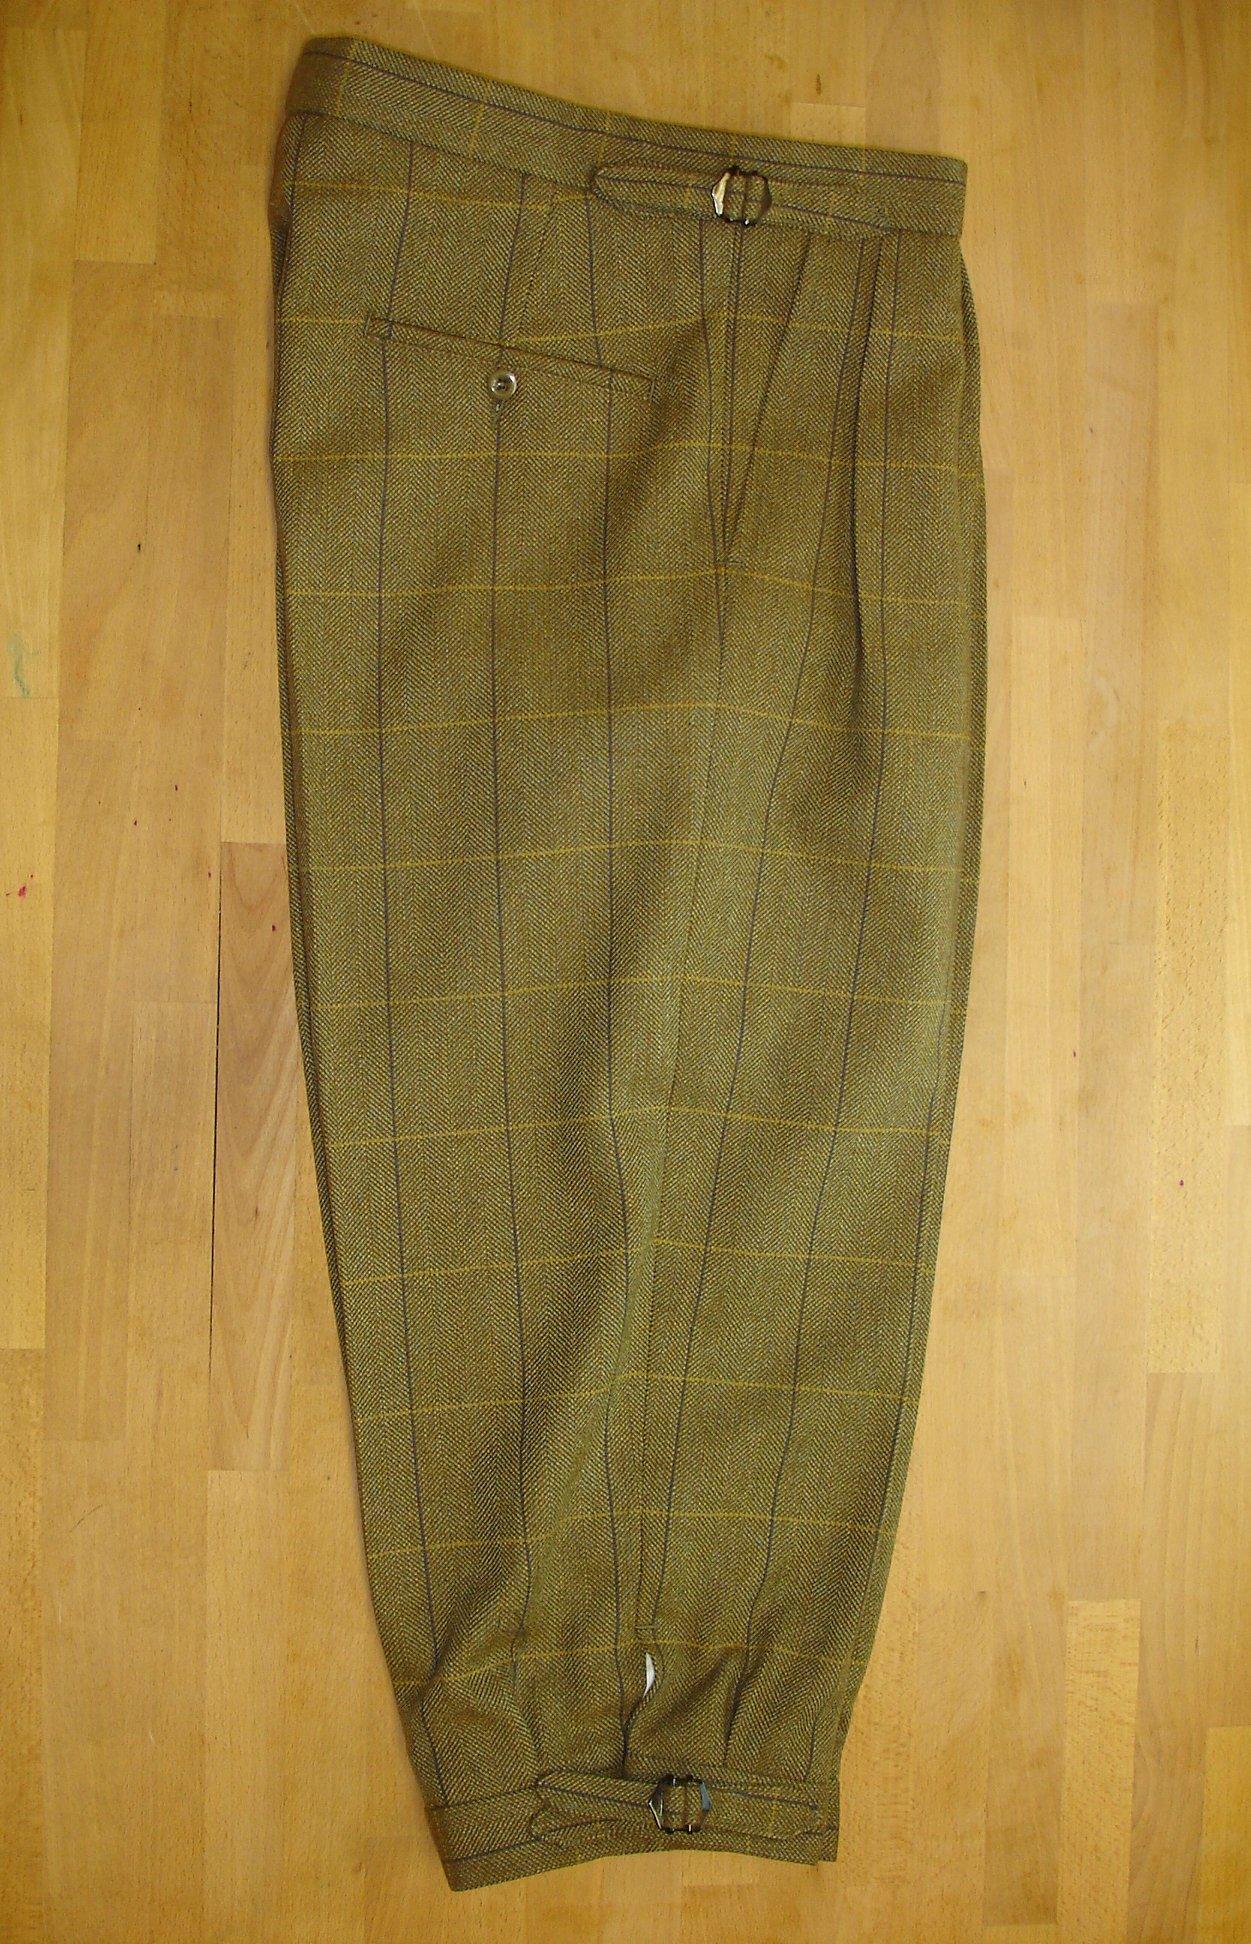 Porter & Harding Hartwist Tweed Suit (5).jpg